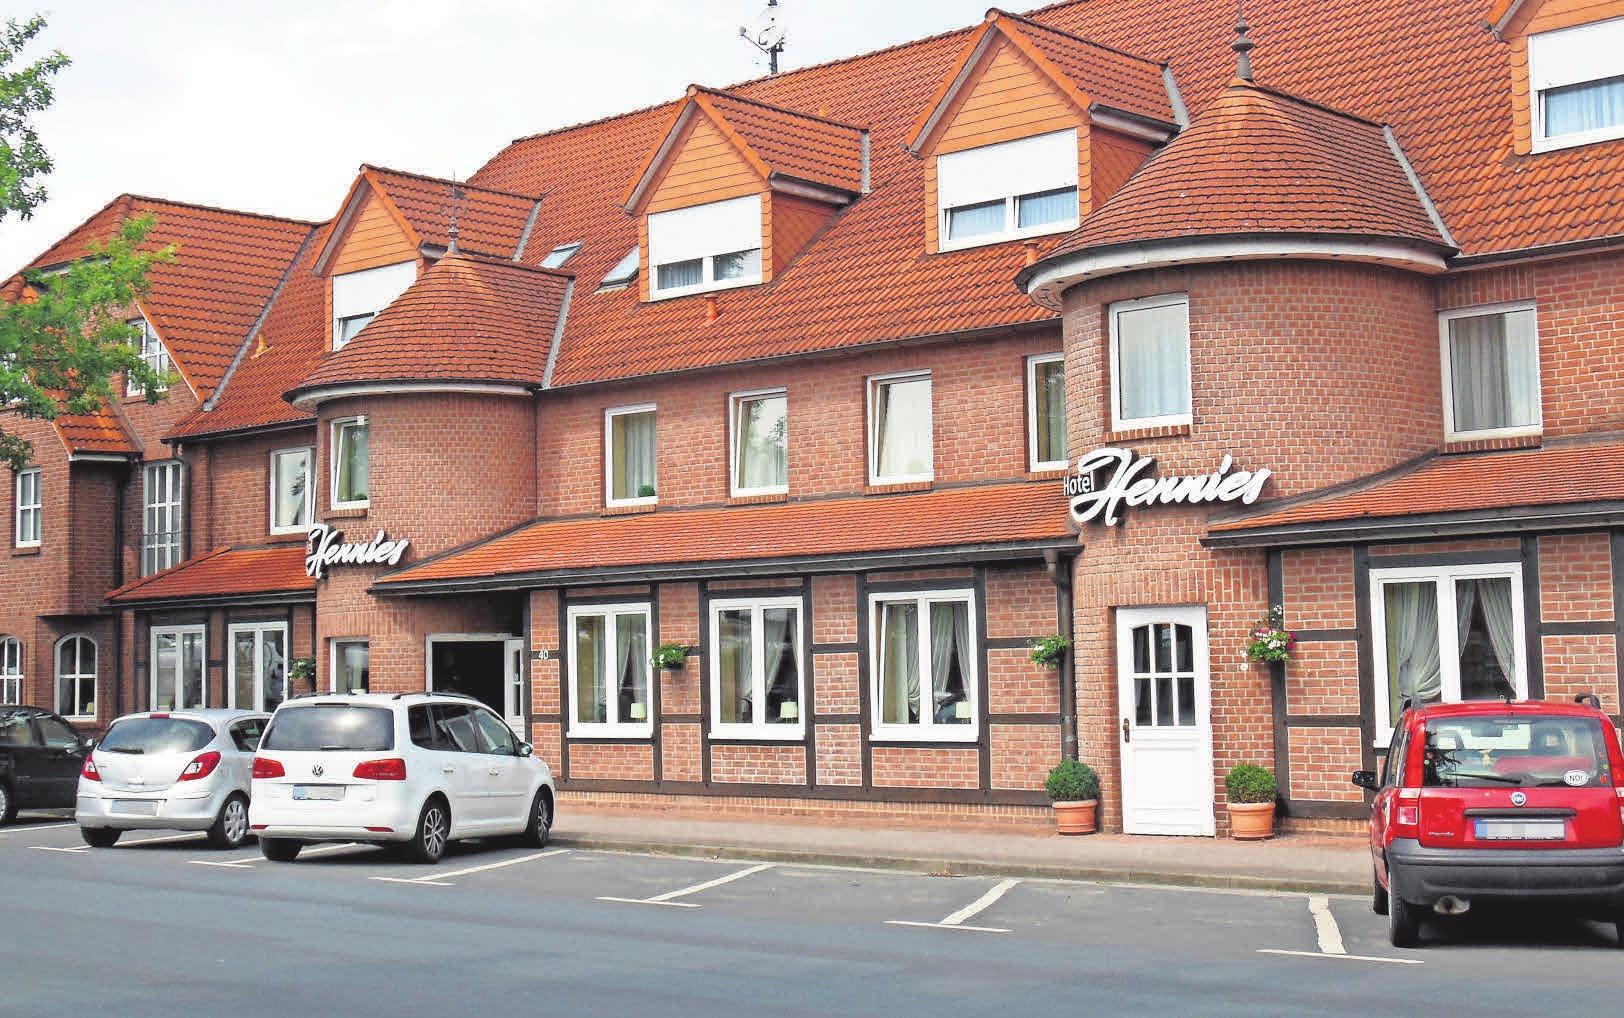 Das Hotel Hennies ist am Valentinstag eine gute Wahl.